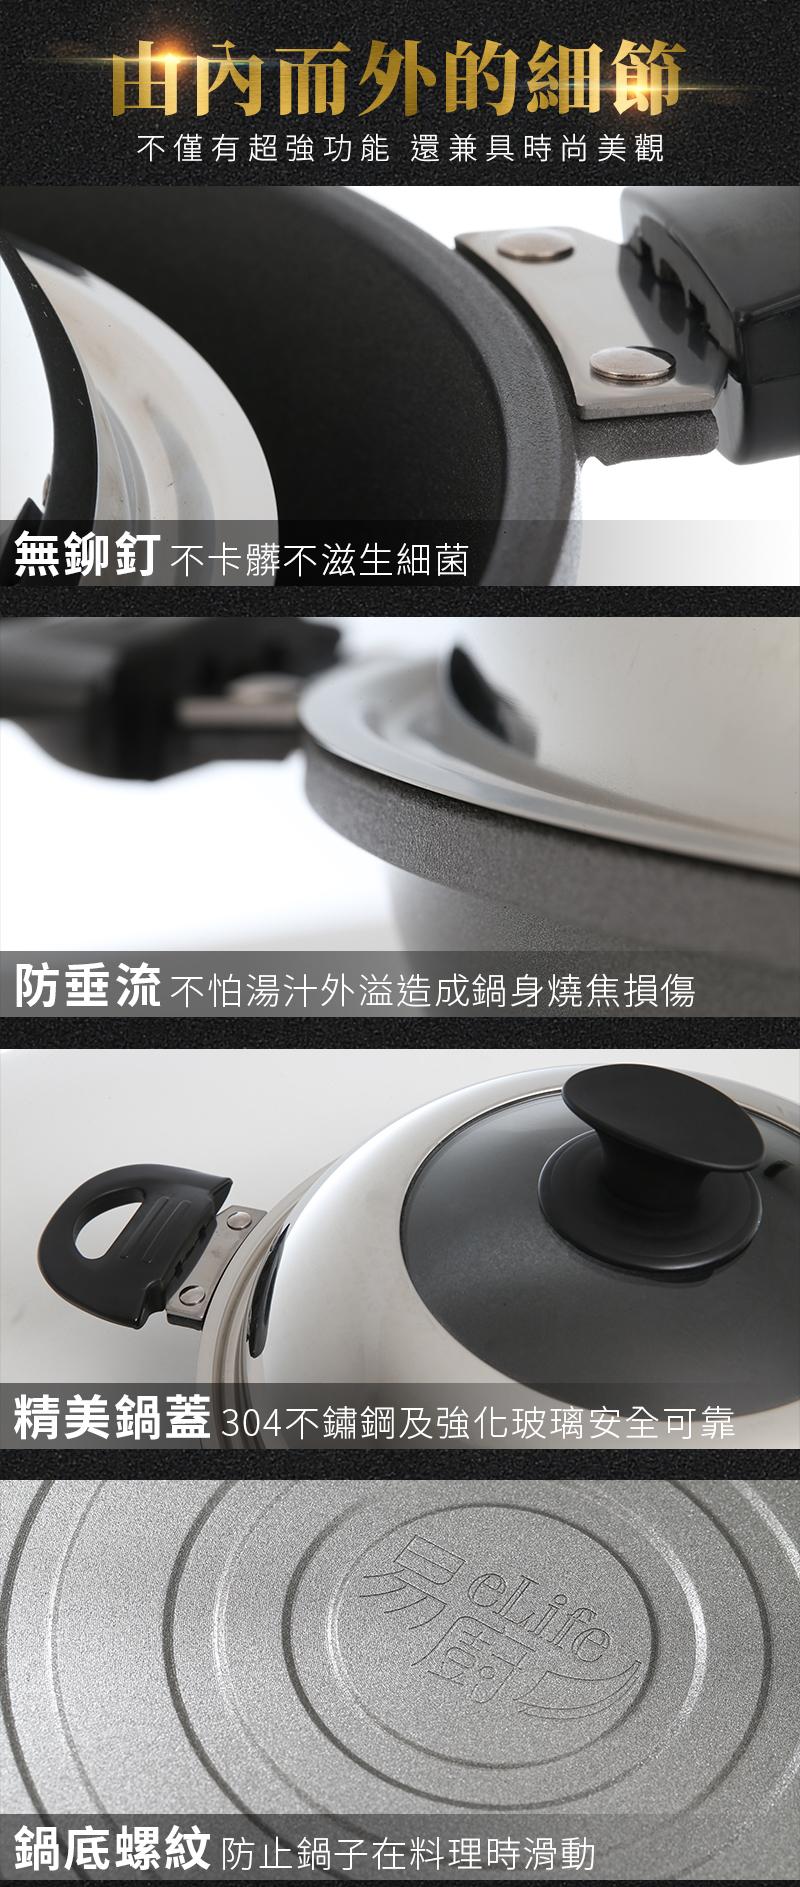 鍋內無鉚釘,鍋邊防垂流,鍋底螺紋止滑,鍋蓋強化玻璃